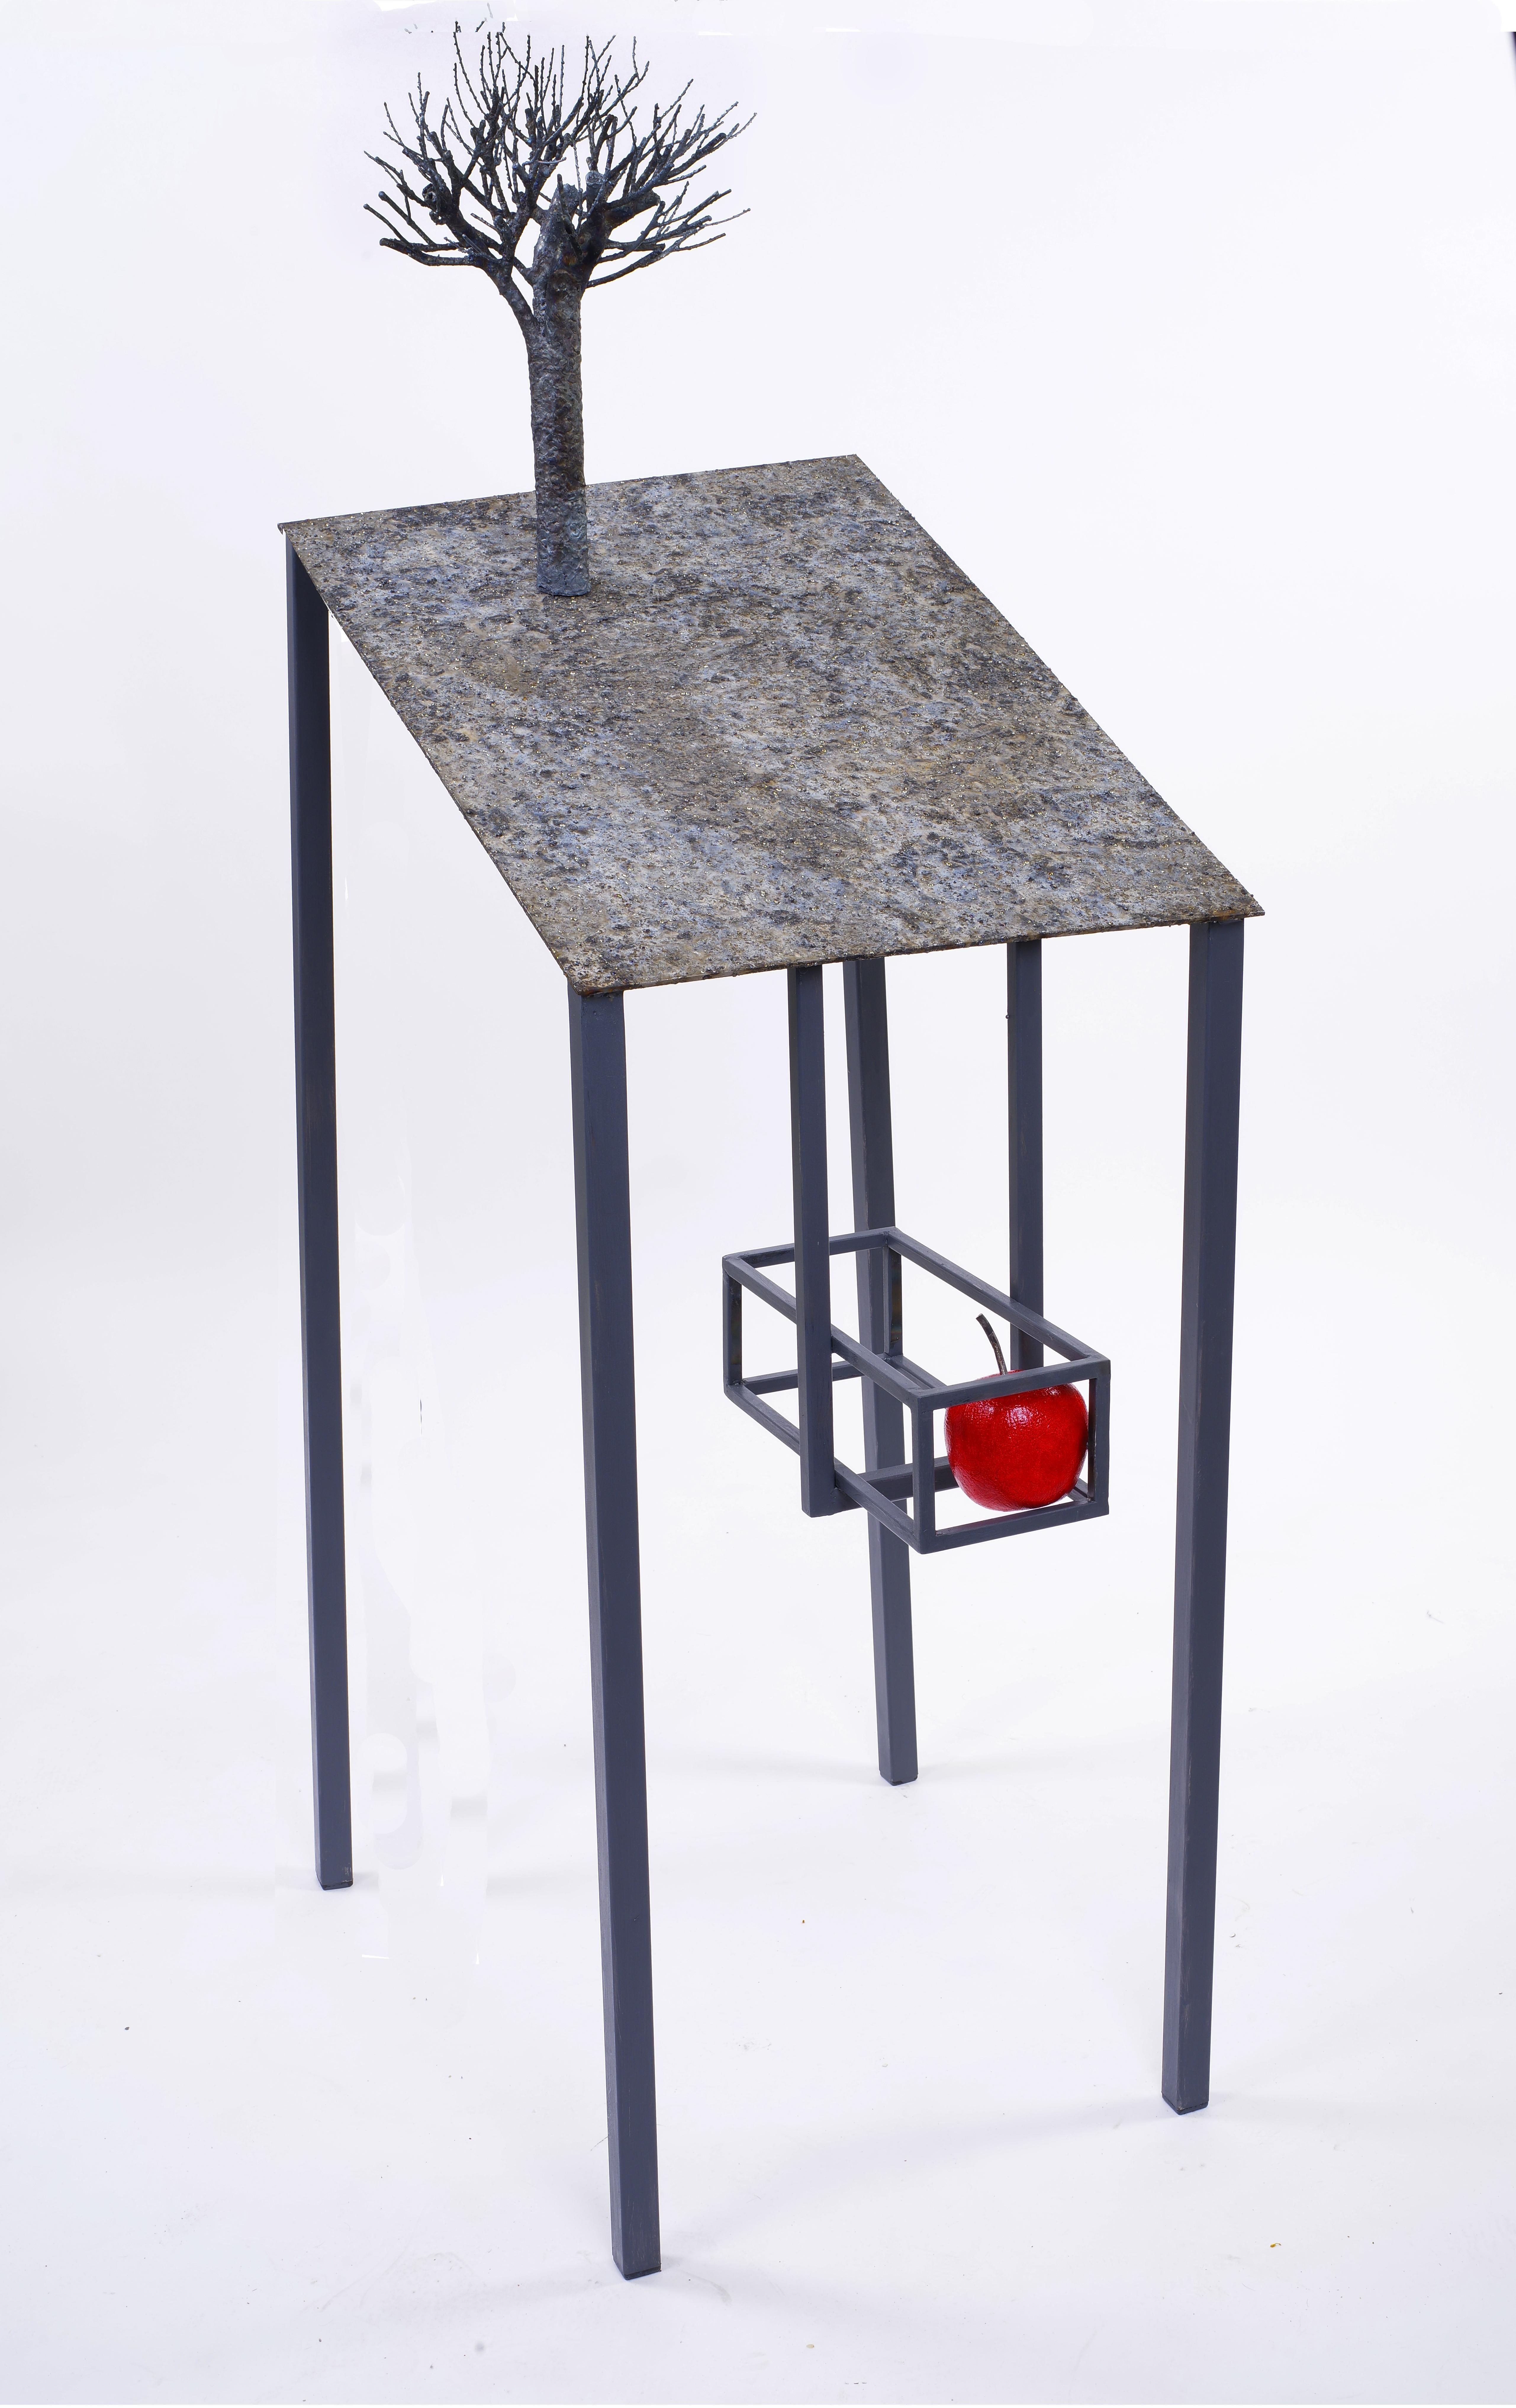 Lectern with apple - Jean-Paul Réti, 21st Century, Contemporary metal sculpture